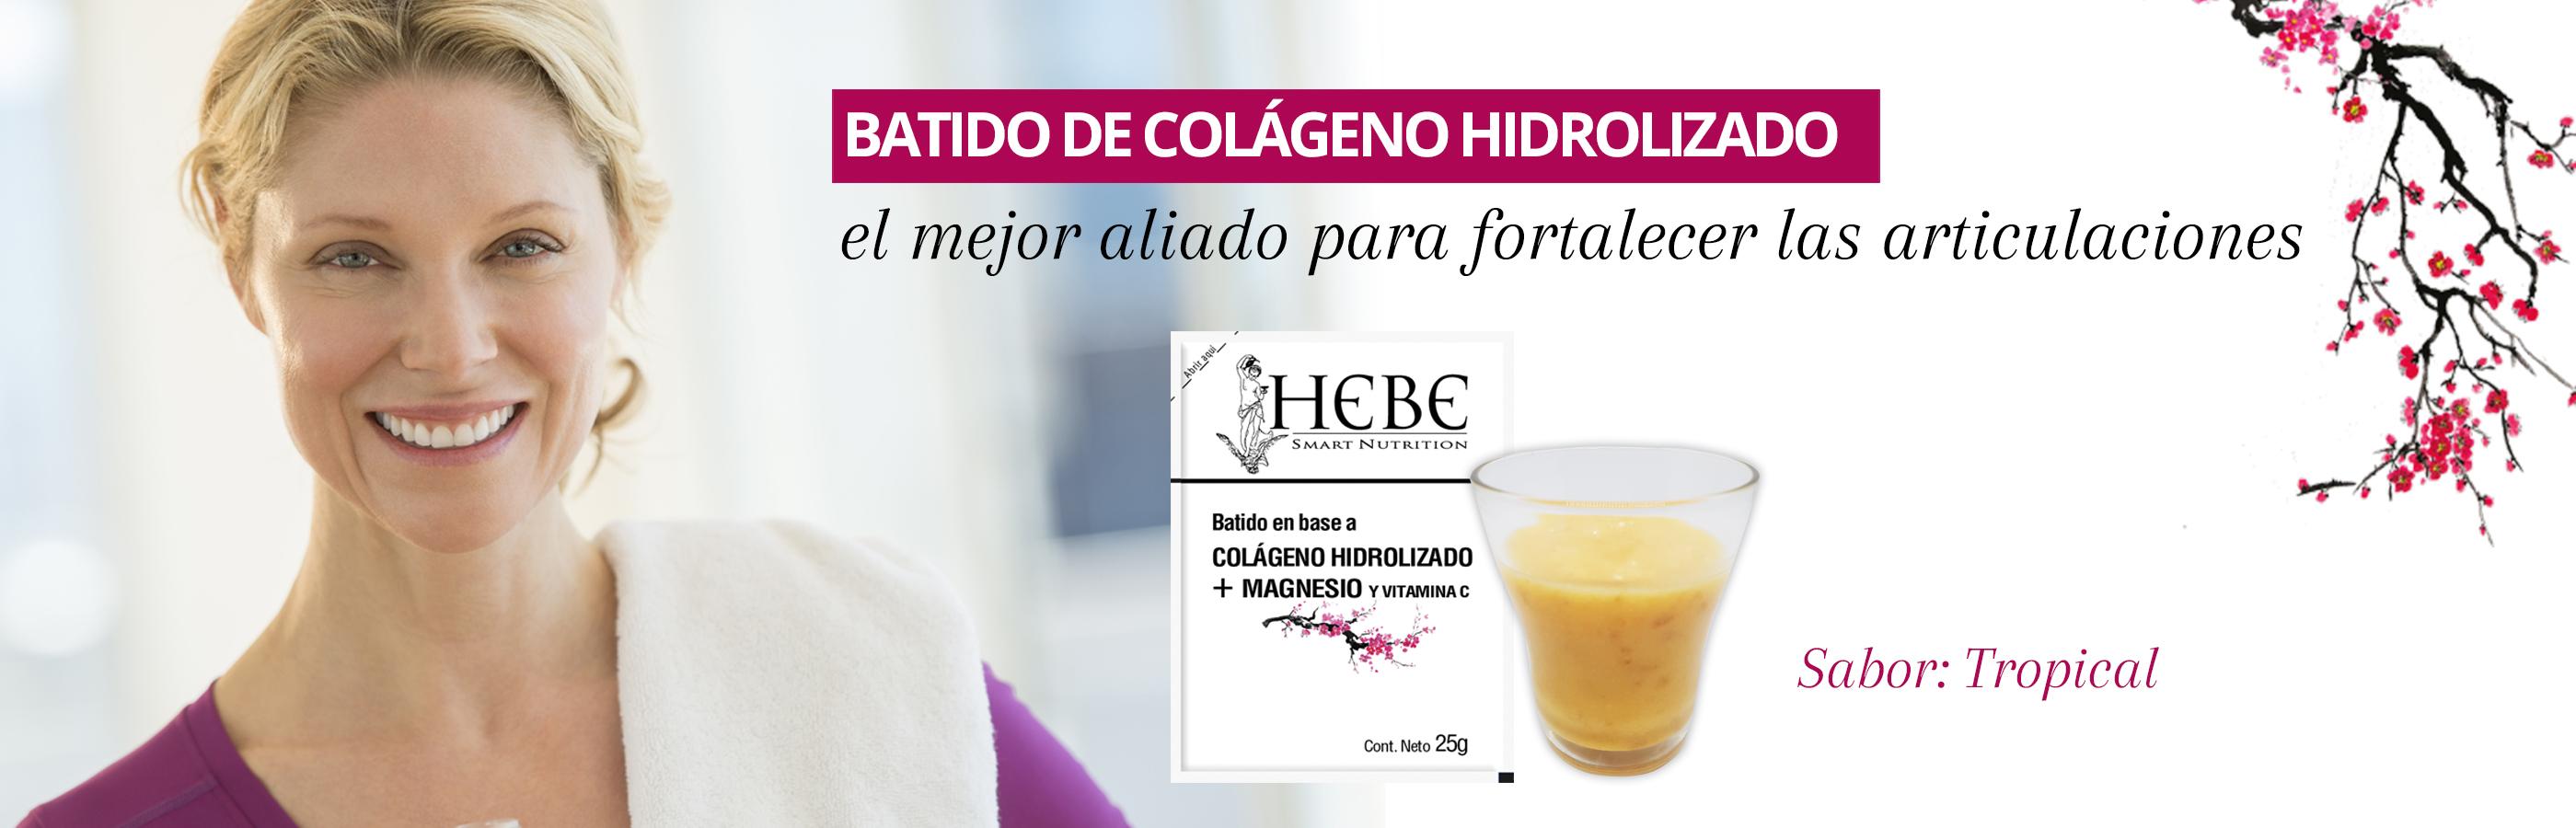 hebe-colageno-hidrolizado-cuida-los-huesos-y-las-articulaciones mujeres adultas degustar